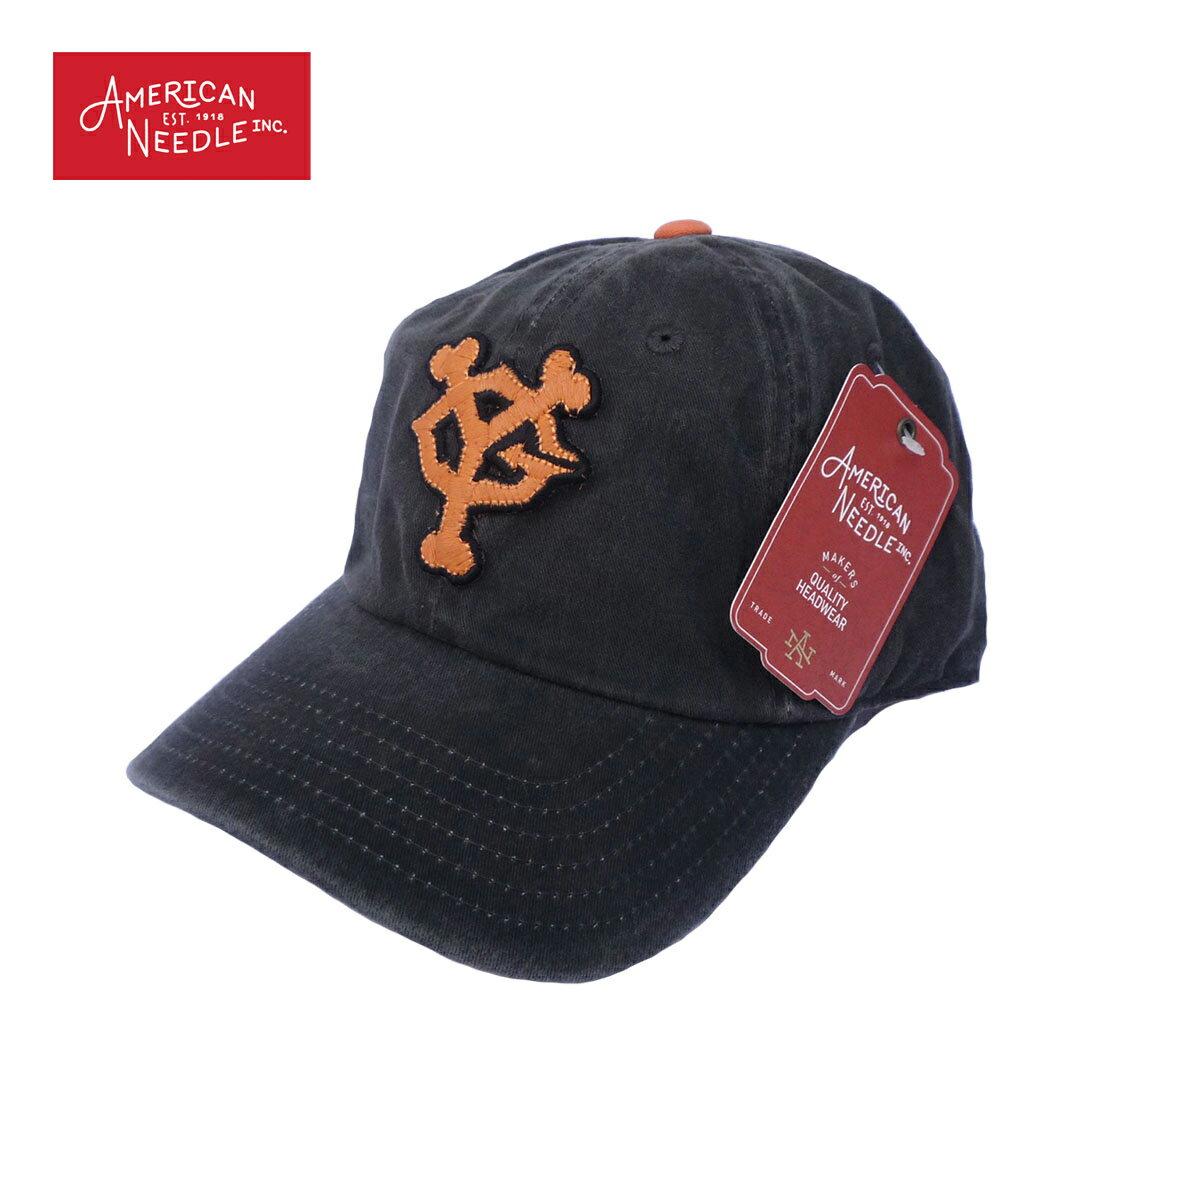 メンズ帽子, キャップ AMERICAN NEEDLE NIPPON LEAGUE BASEBALL ARCHIVE CAP FREE